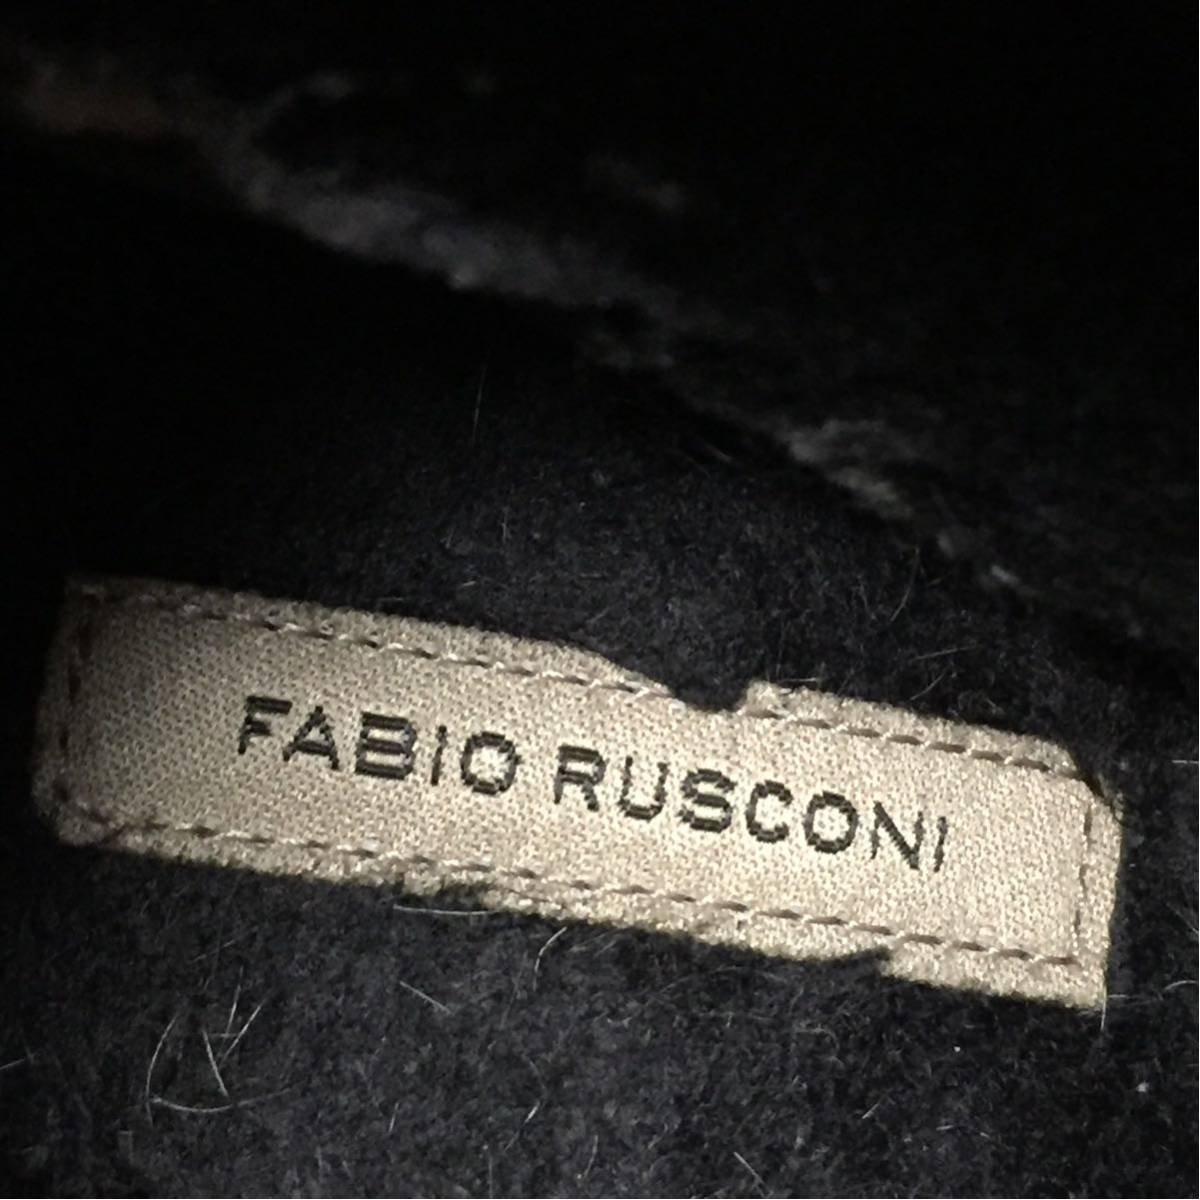 ◆FABIO RUSCONI◆内側ボア スウェード ショートブーツ ブーティー ブラウン ファビオルスコーニ イタリア製 ムートン系 23cm位 7cmヒール_画像7